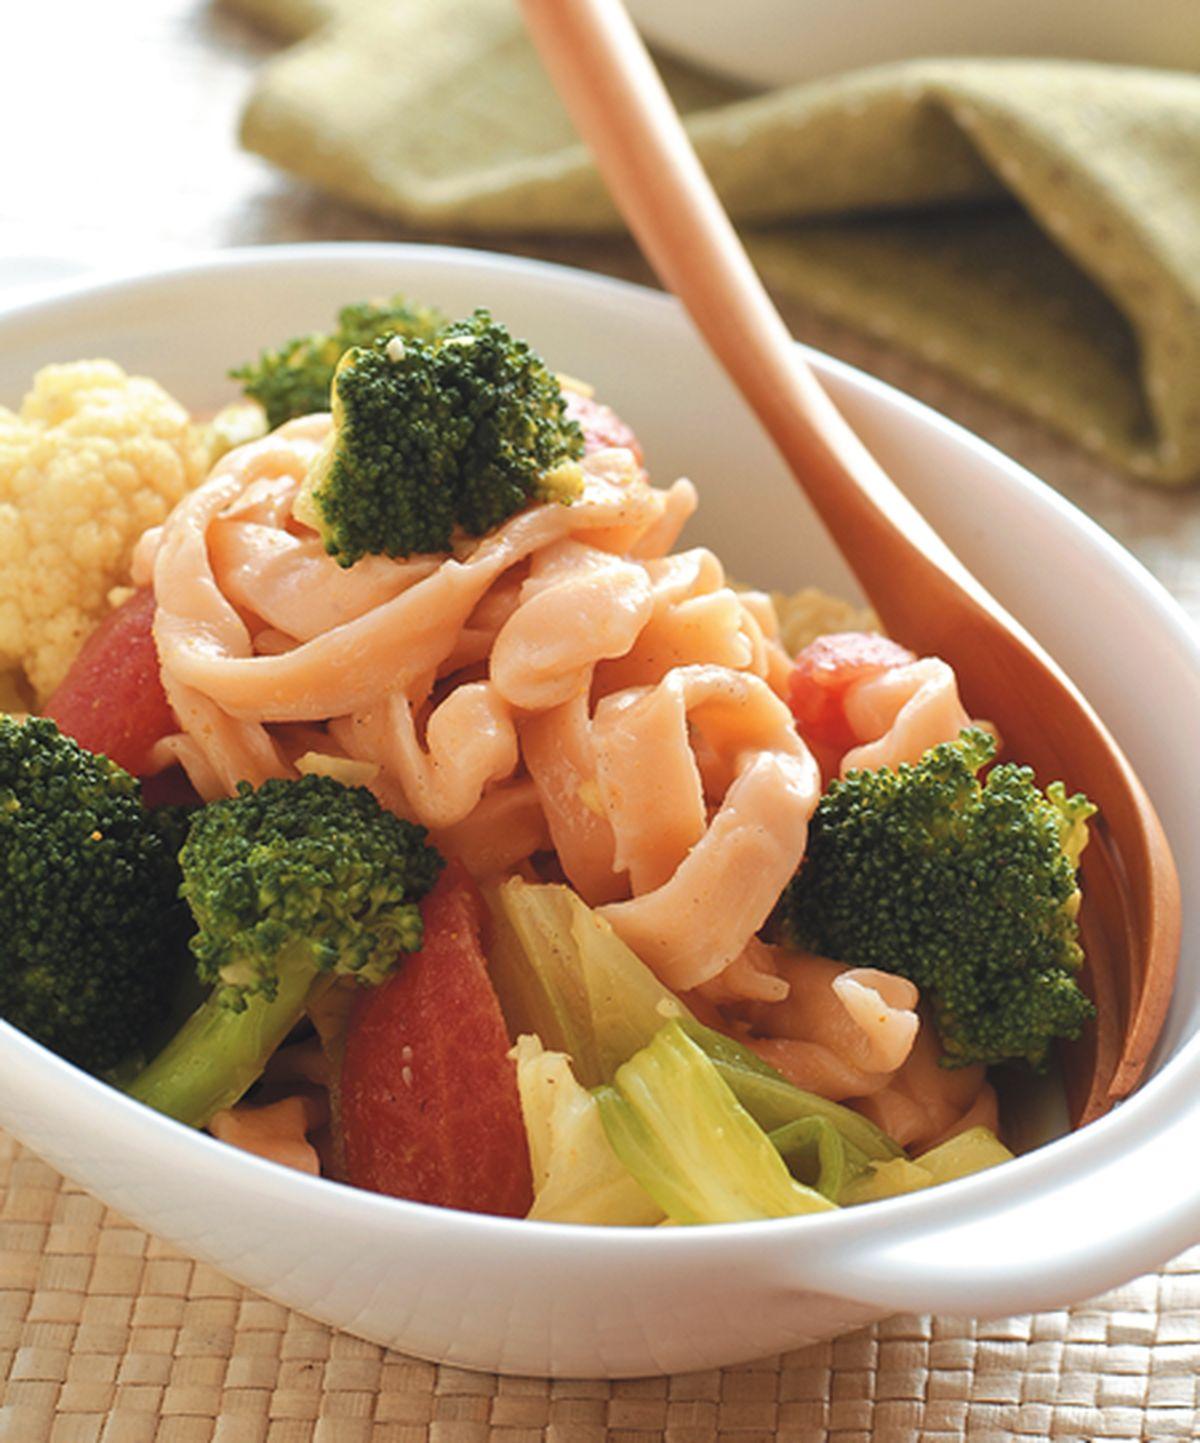 食譜:蔬菜咖哩醬麵